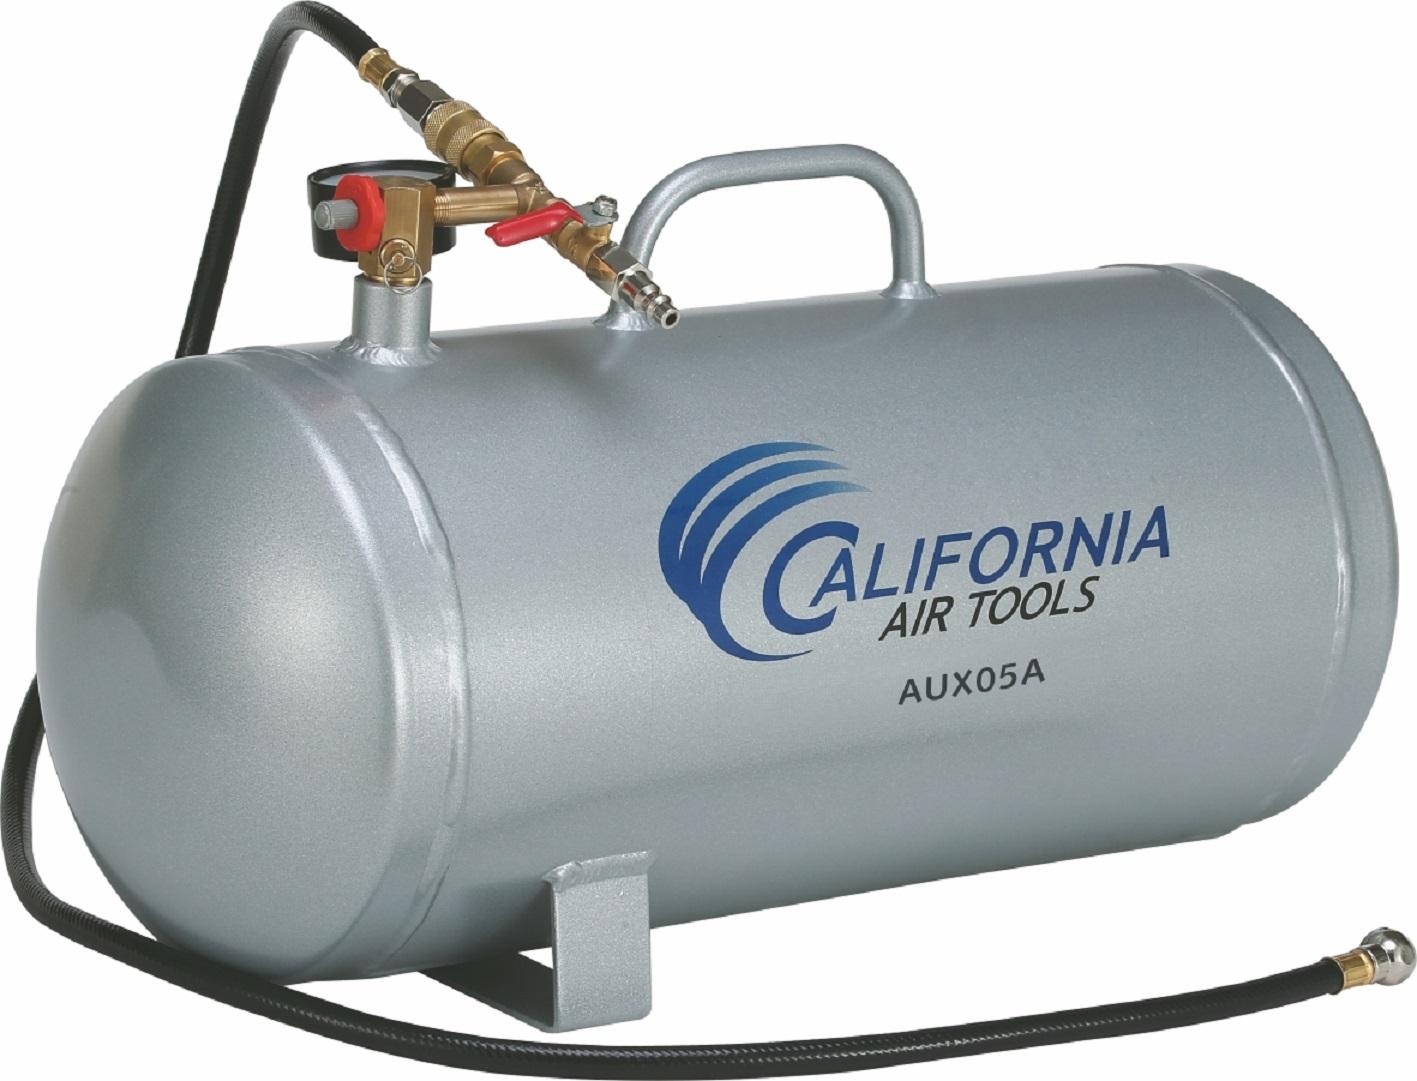 California Air Tools AUX05A - 5 Gallon Lightweight (Rust Free) Portable Aluminum Air Tank